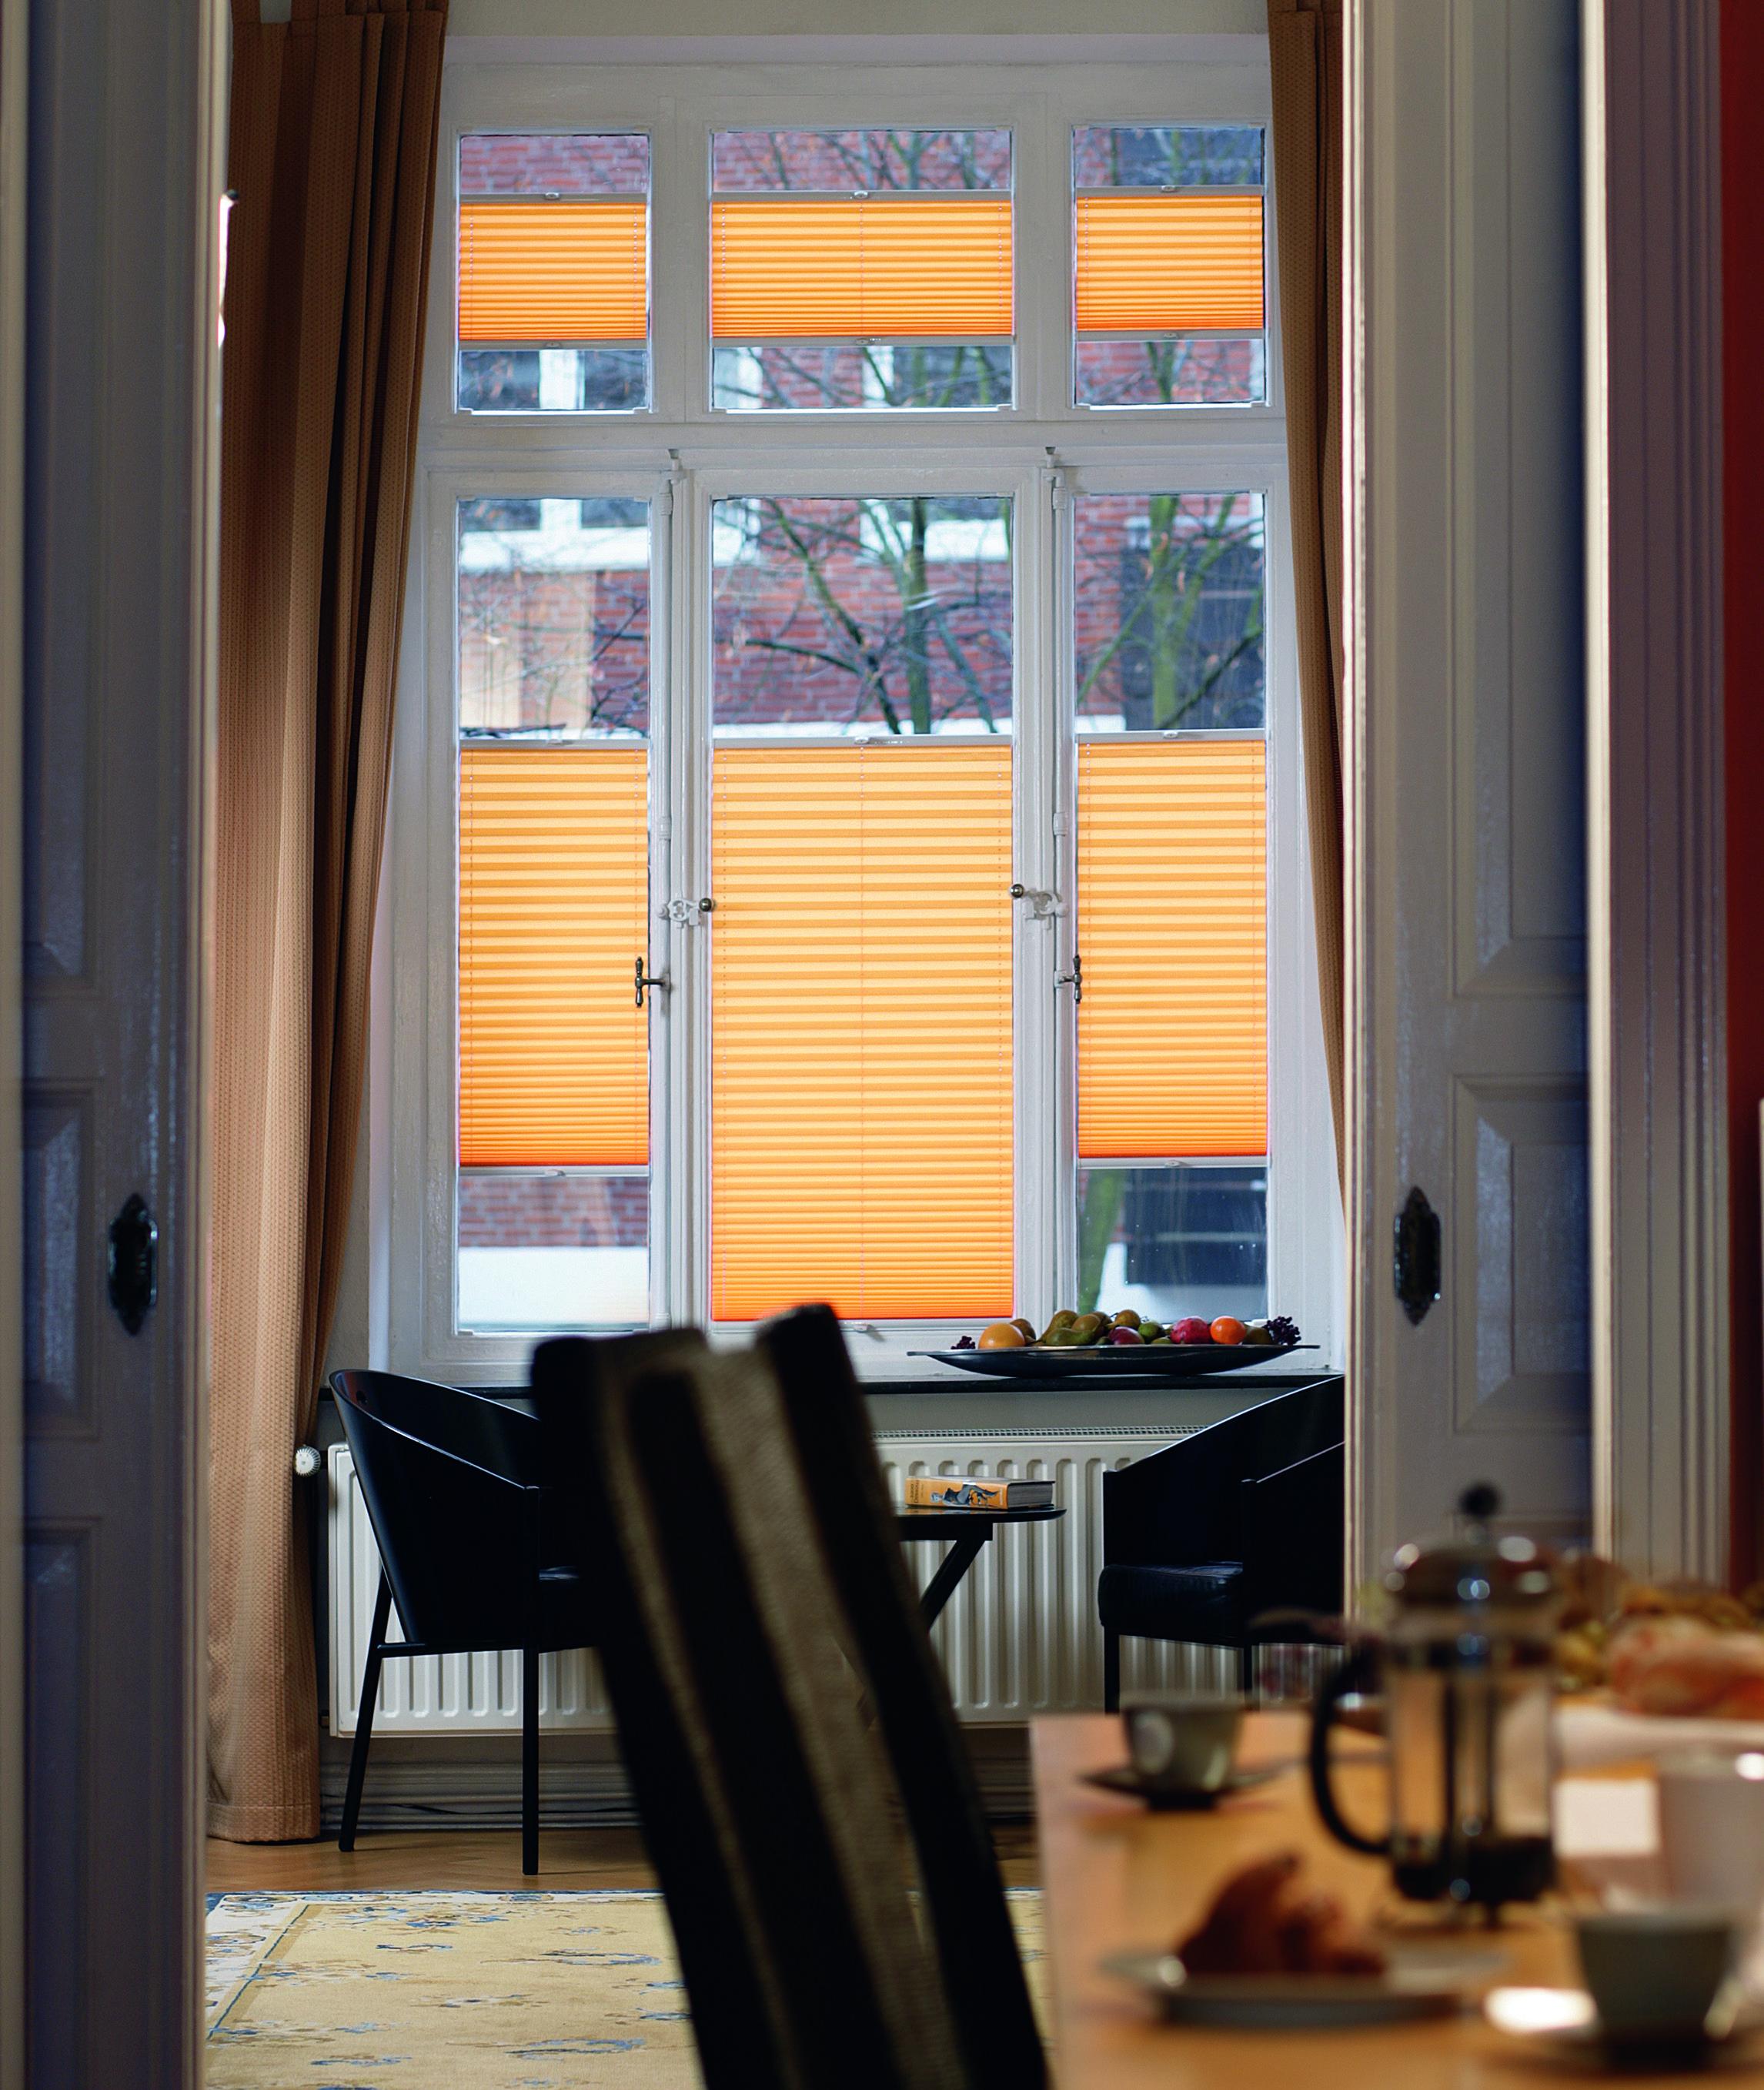 neue m glichkeiten bei der innenbeschattung rollos jalousien plissee pinterest decor. Black Bedroom Furniture Sets. Home Design Ideas